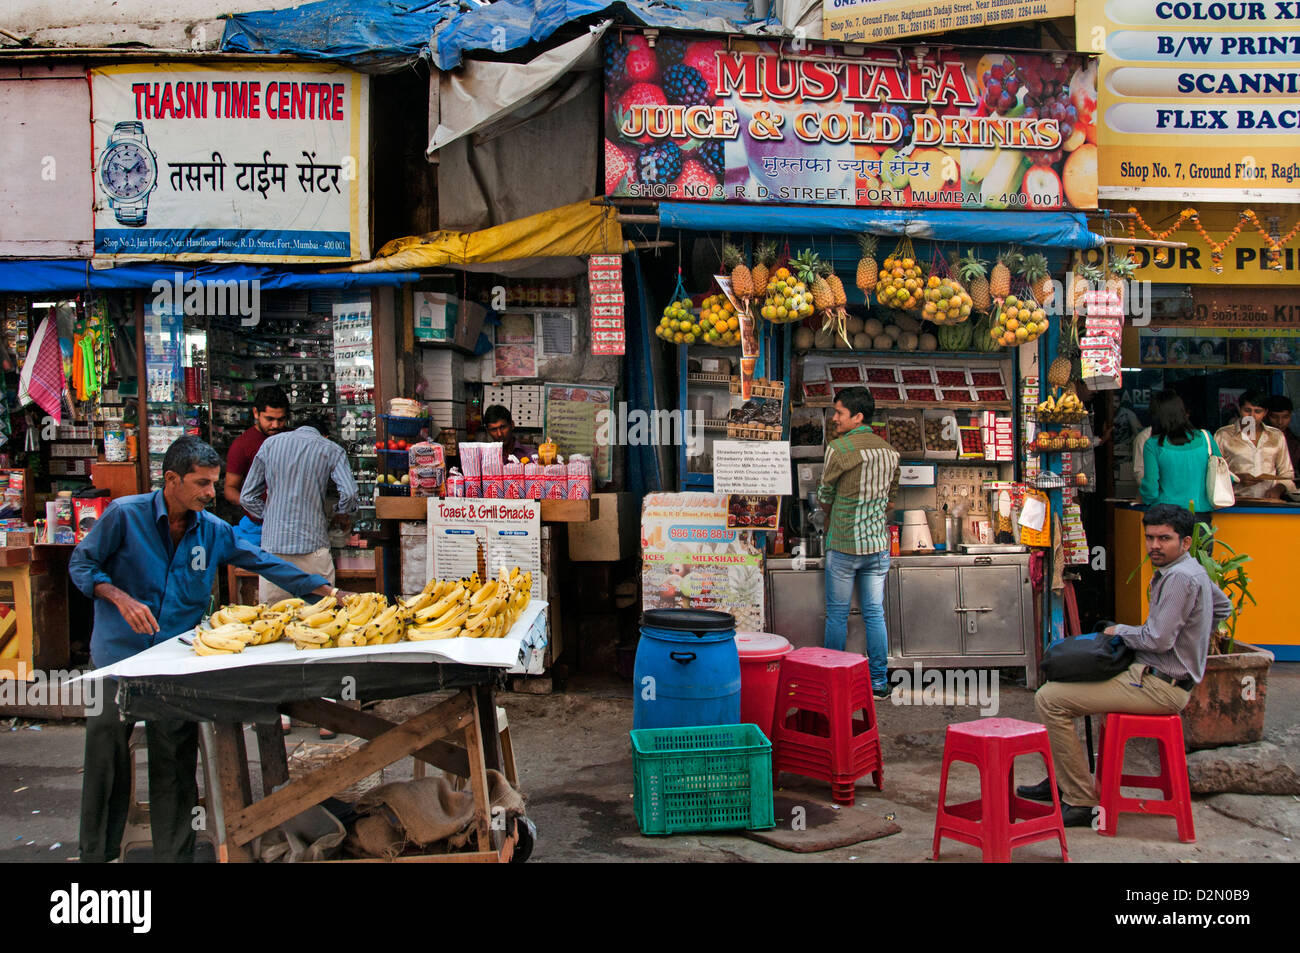 Fort de Mumbai ( Bombay ) India street market Photo Stock